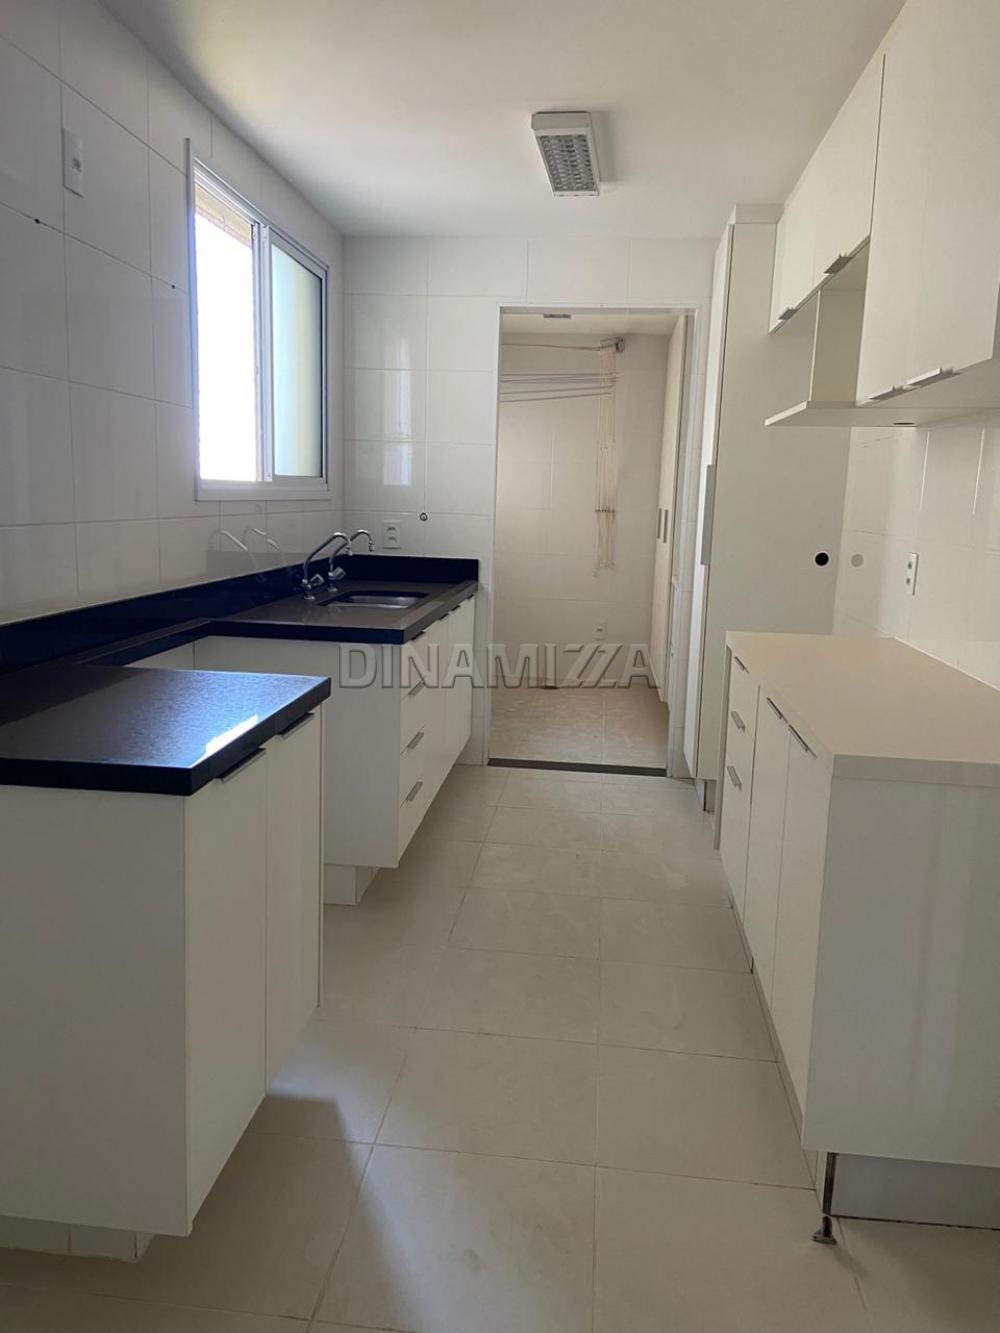 Alugar Apartamento / Padrão em Uberaba apenas R$ 2.700,00 - Foto 9